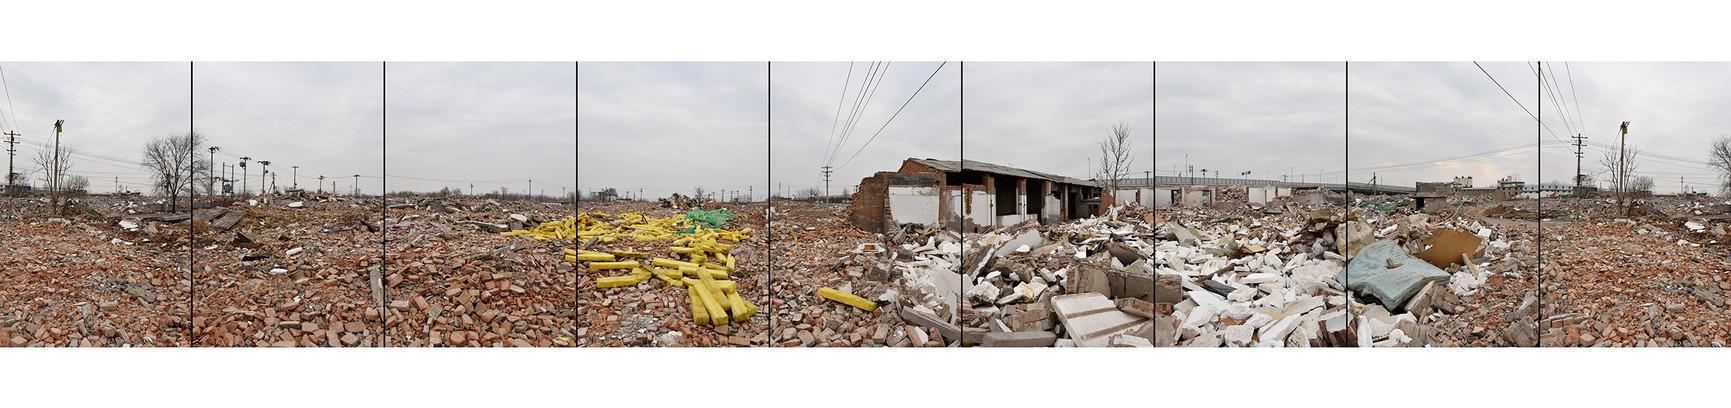 北京废墟22.jpg